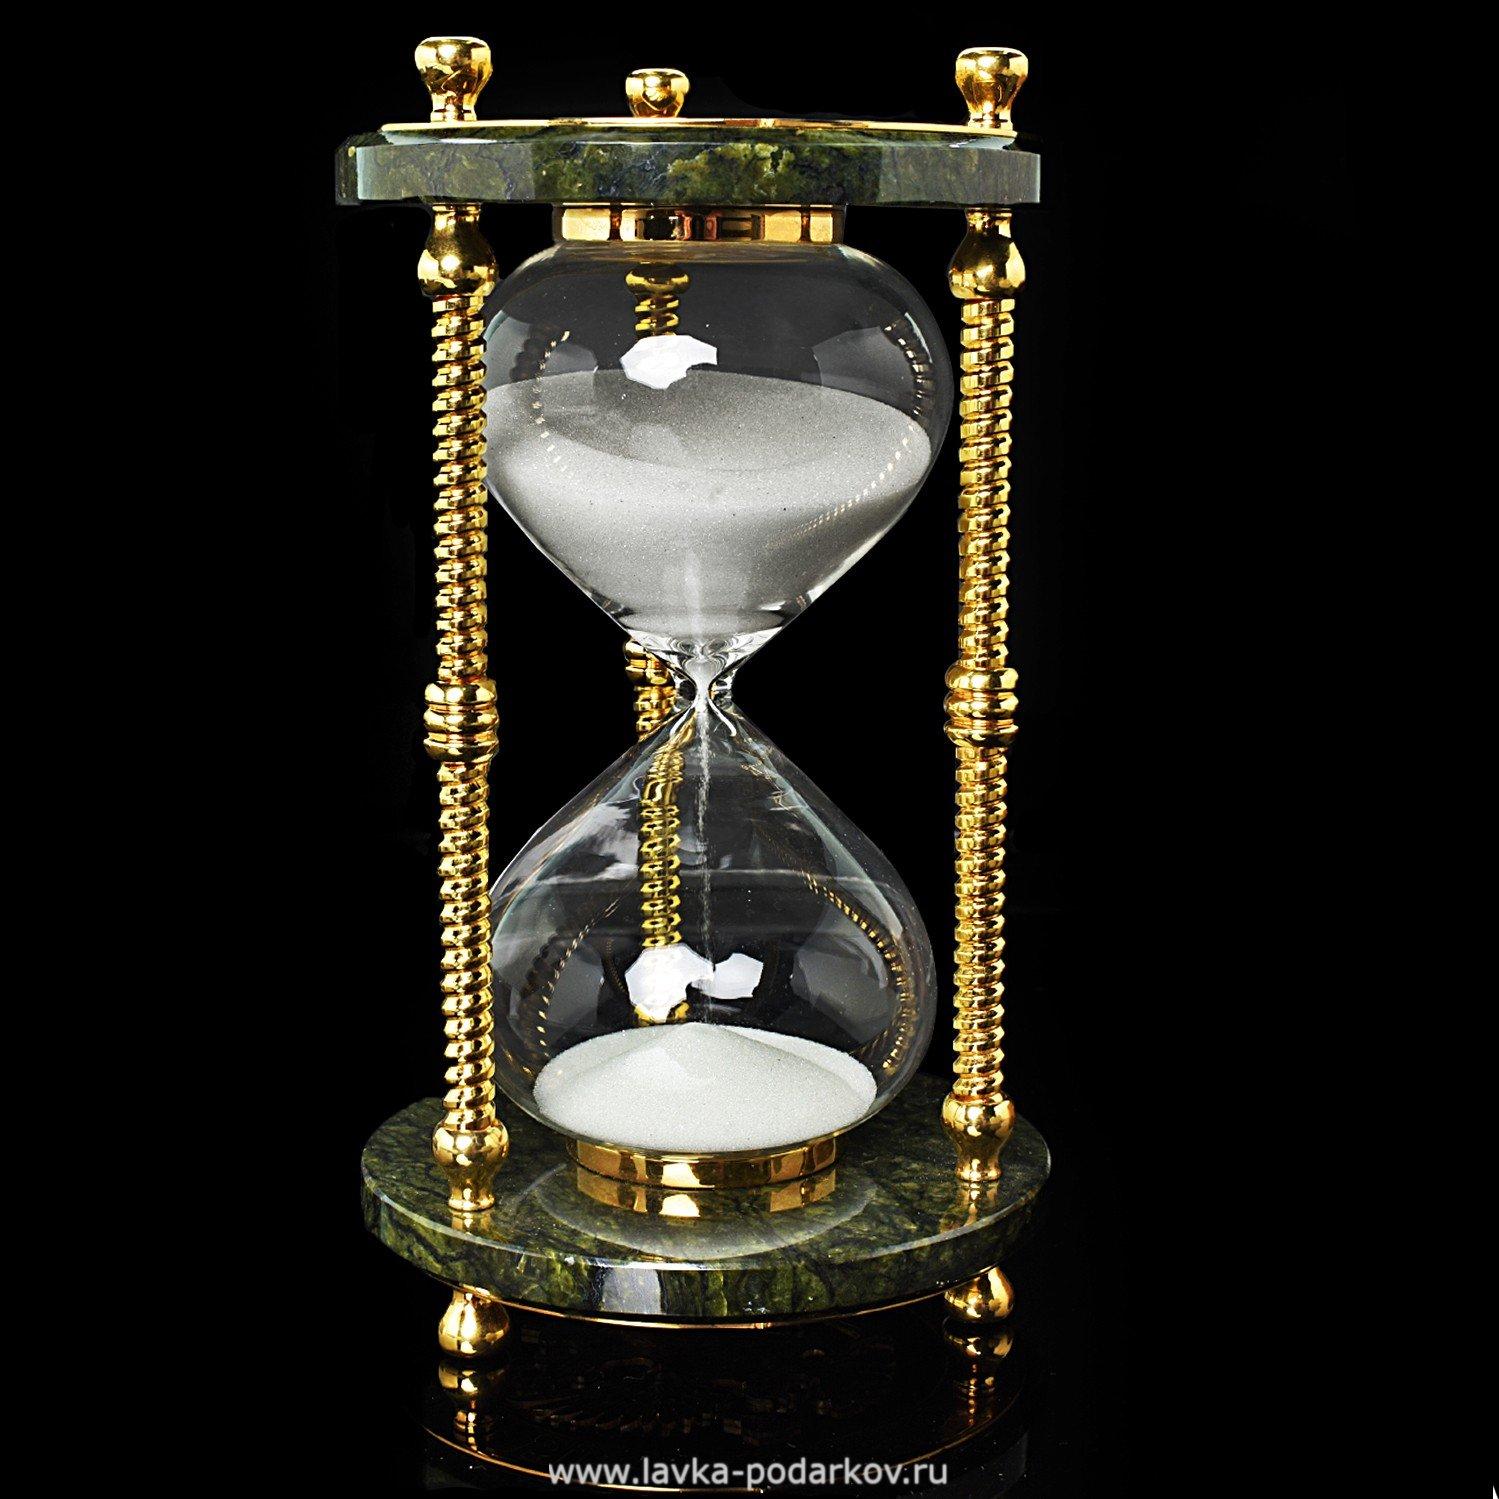 продам механизм часов